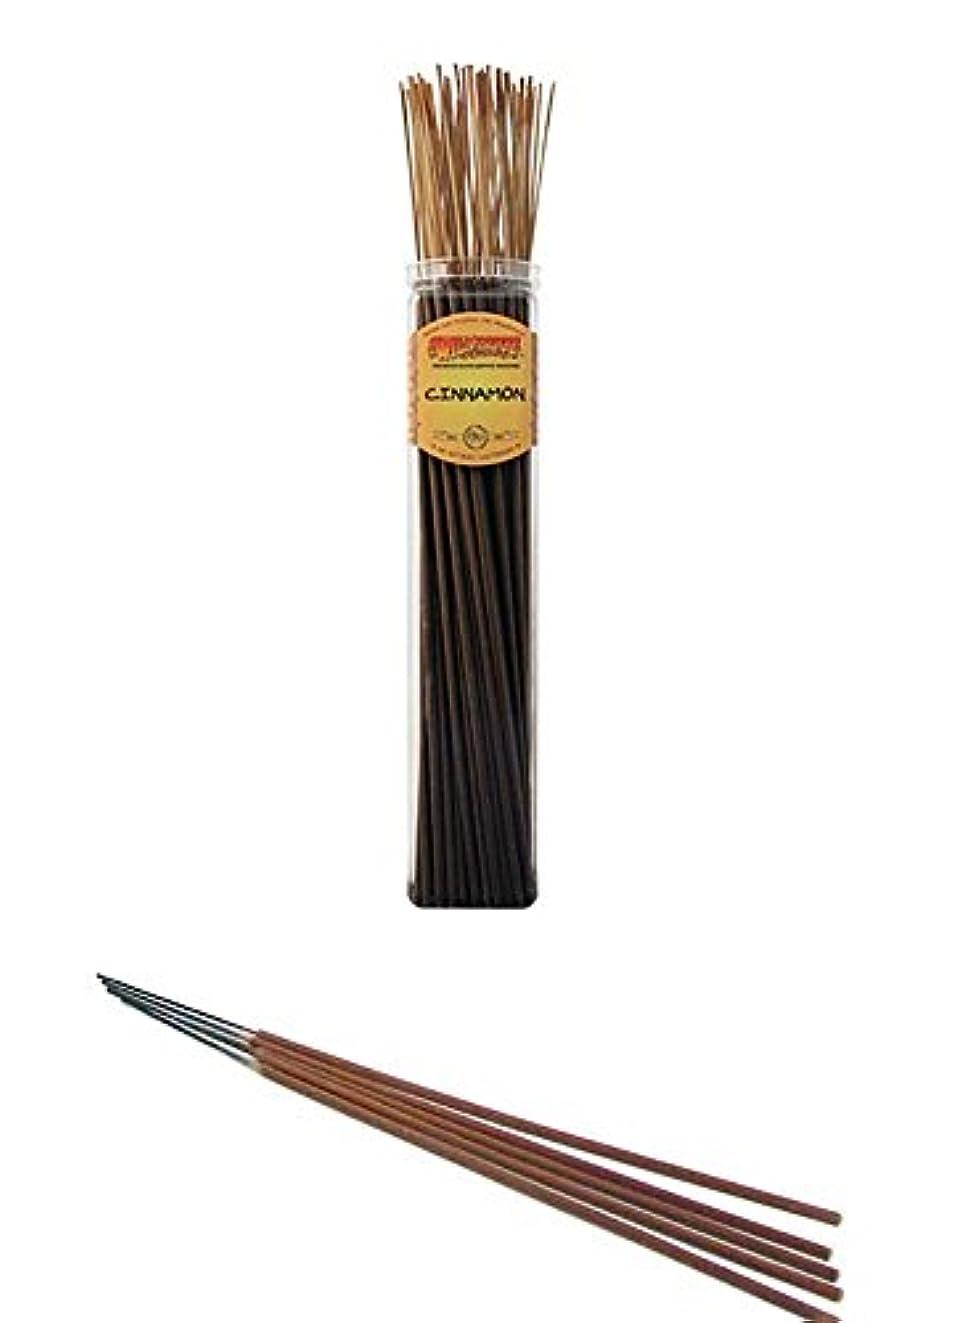 バーベキュー少年追い払うシナモン – Wild Berry Highly Fragranced Large Incense Sticks